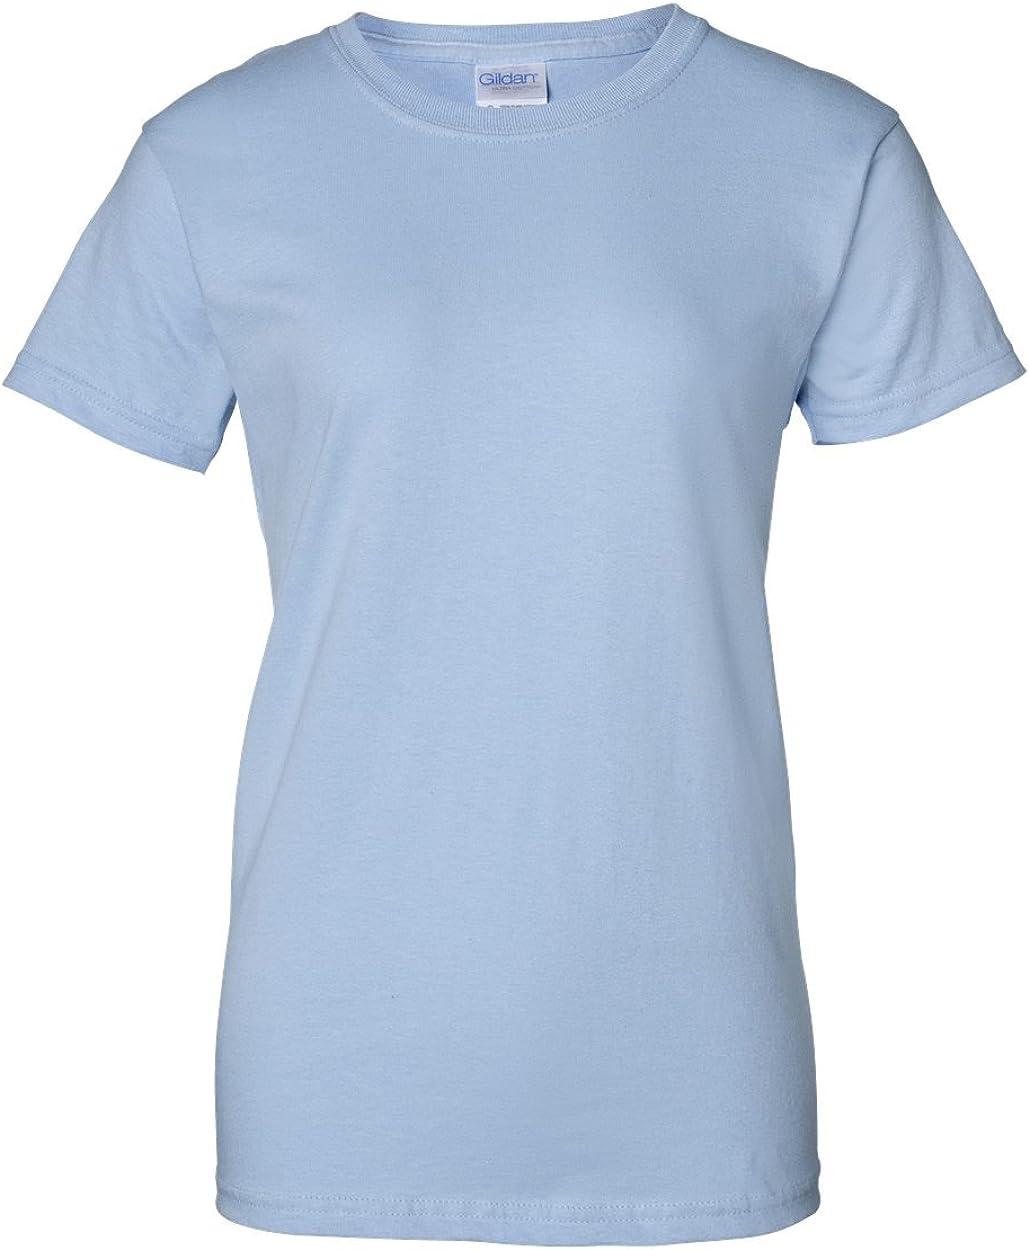 Gildan Womens 6.1 oz. Ultra Cotton T-Shirt (G200L)